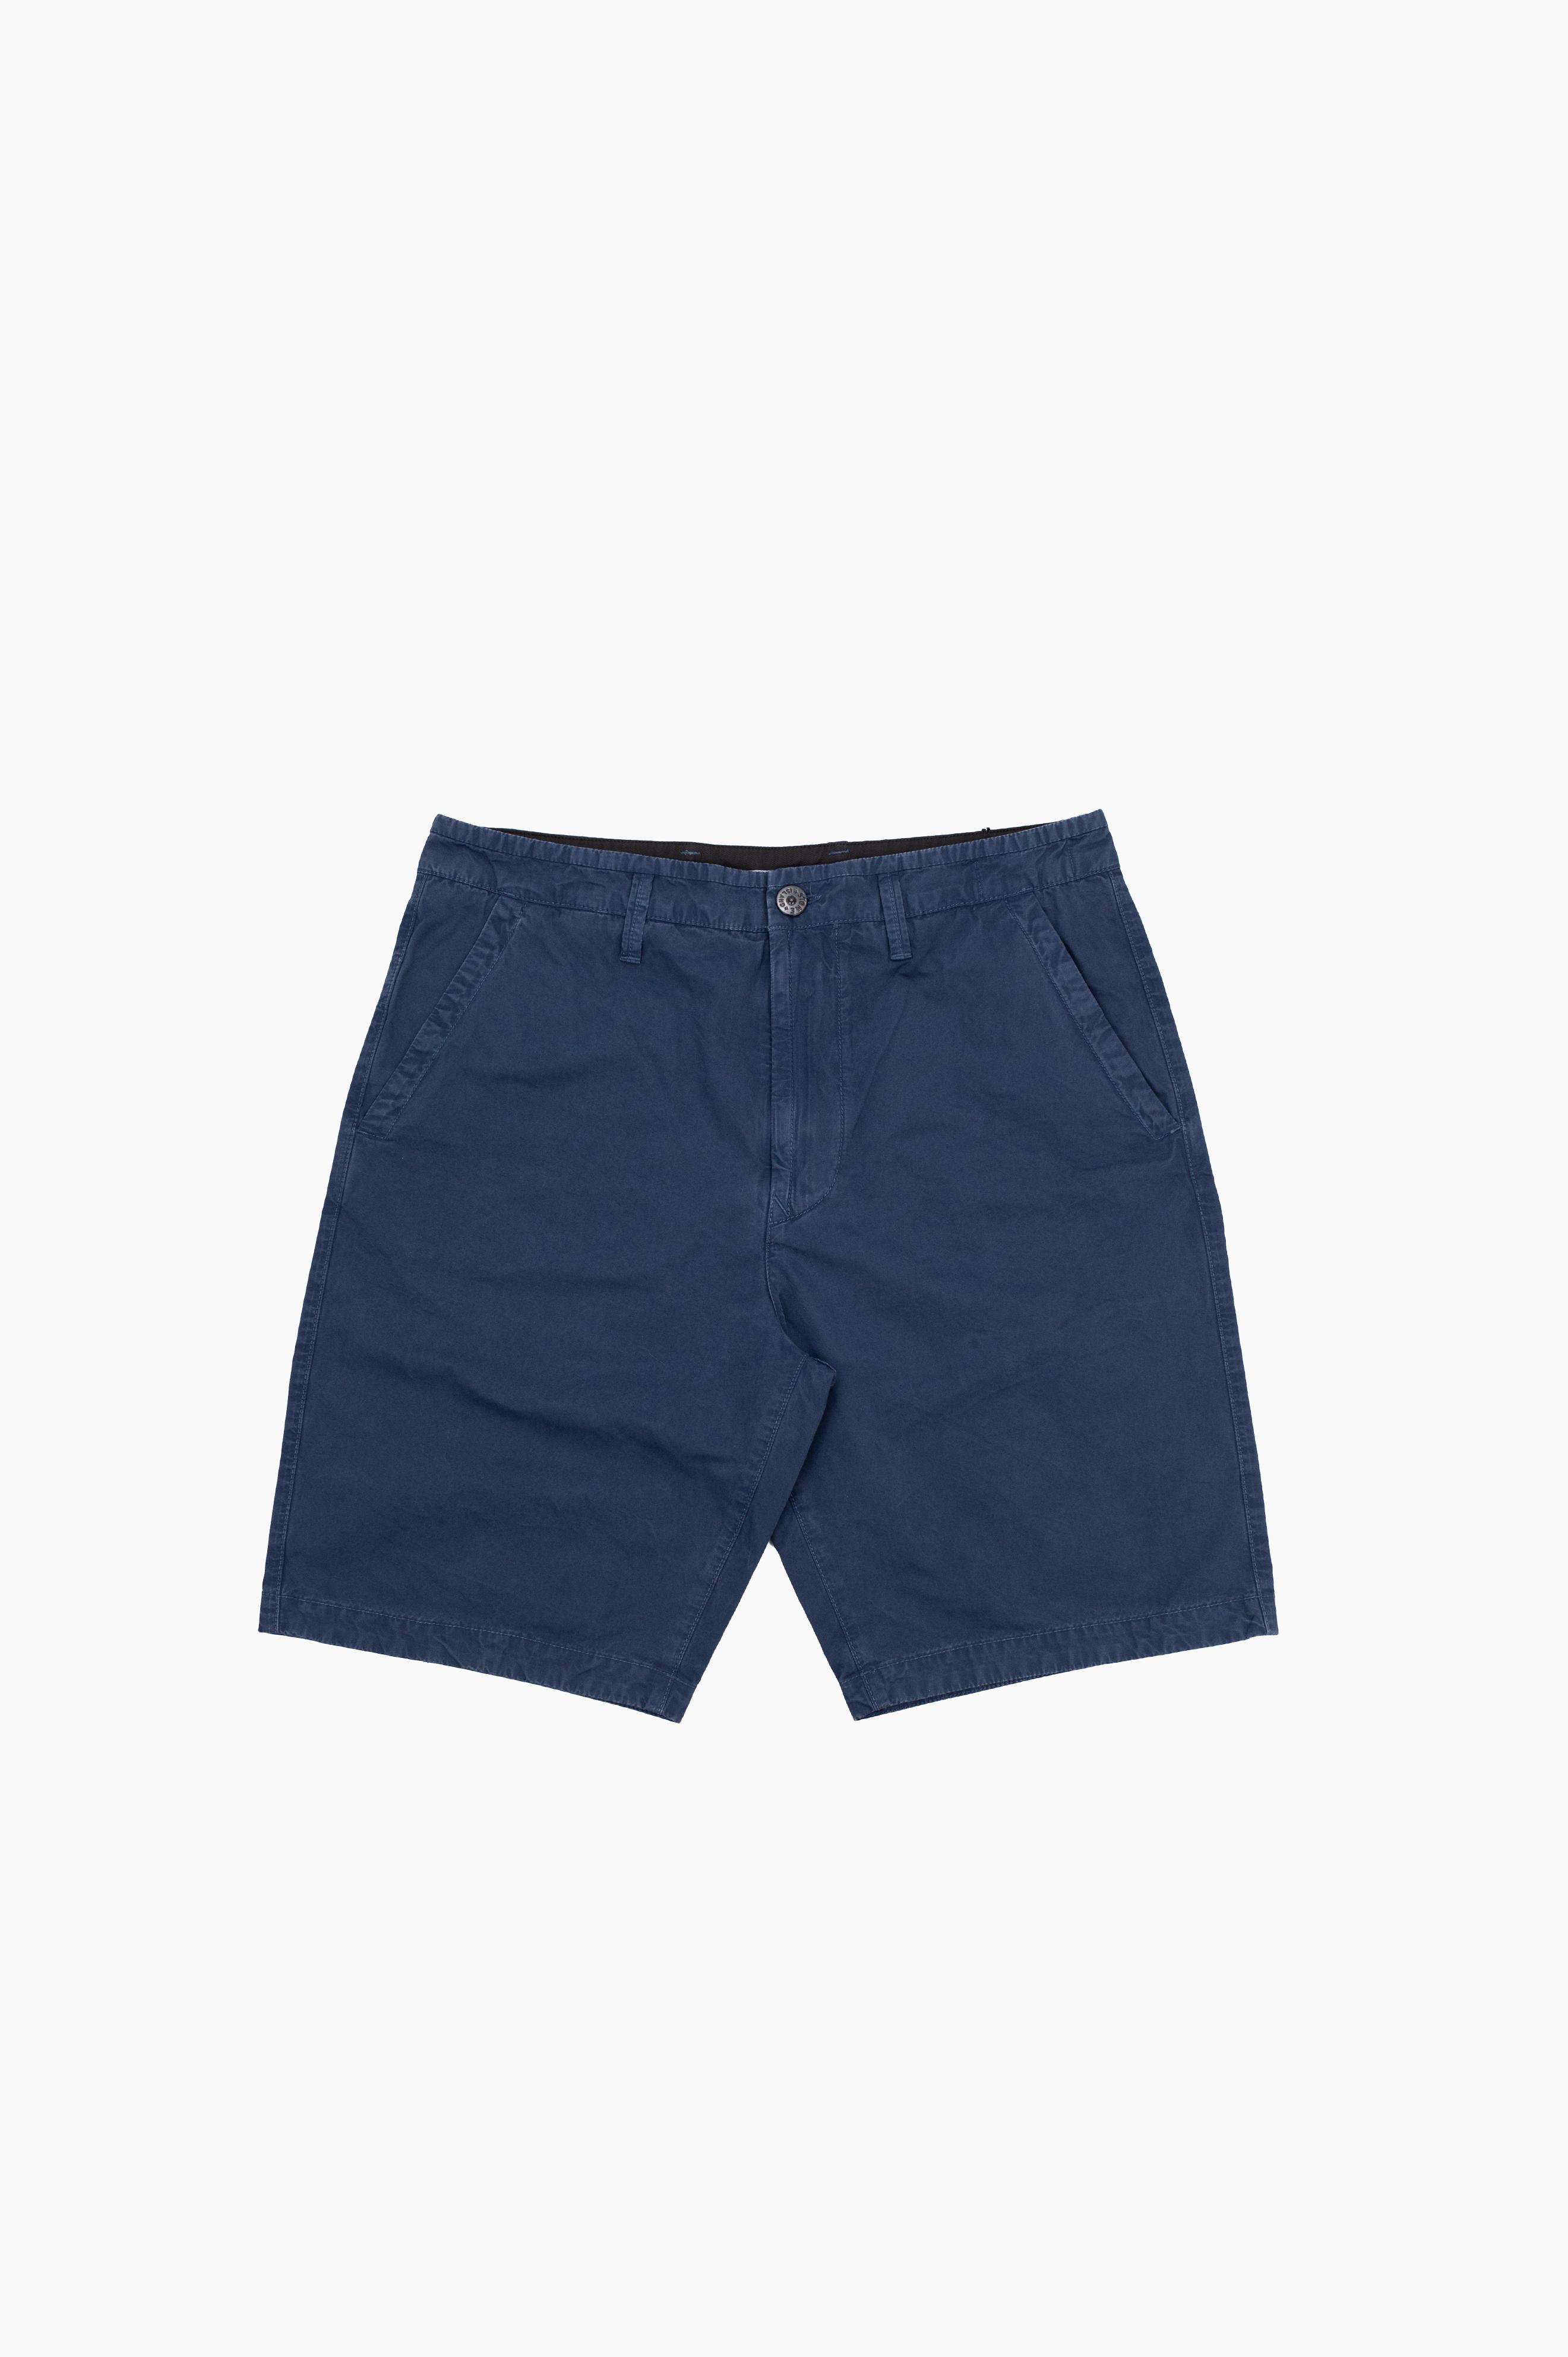 Bermuda Shorts Marine Blue